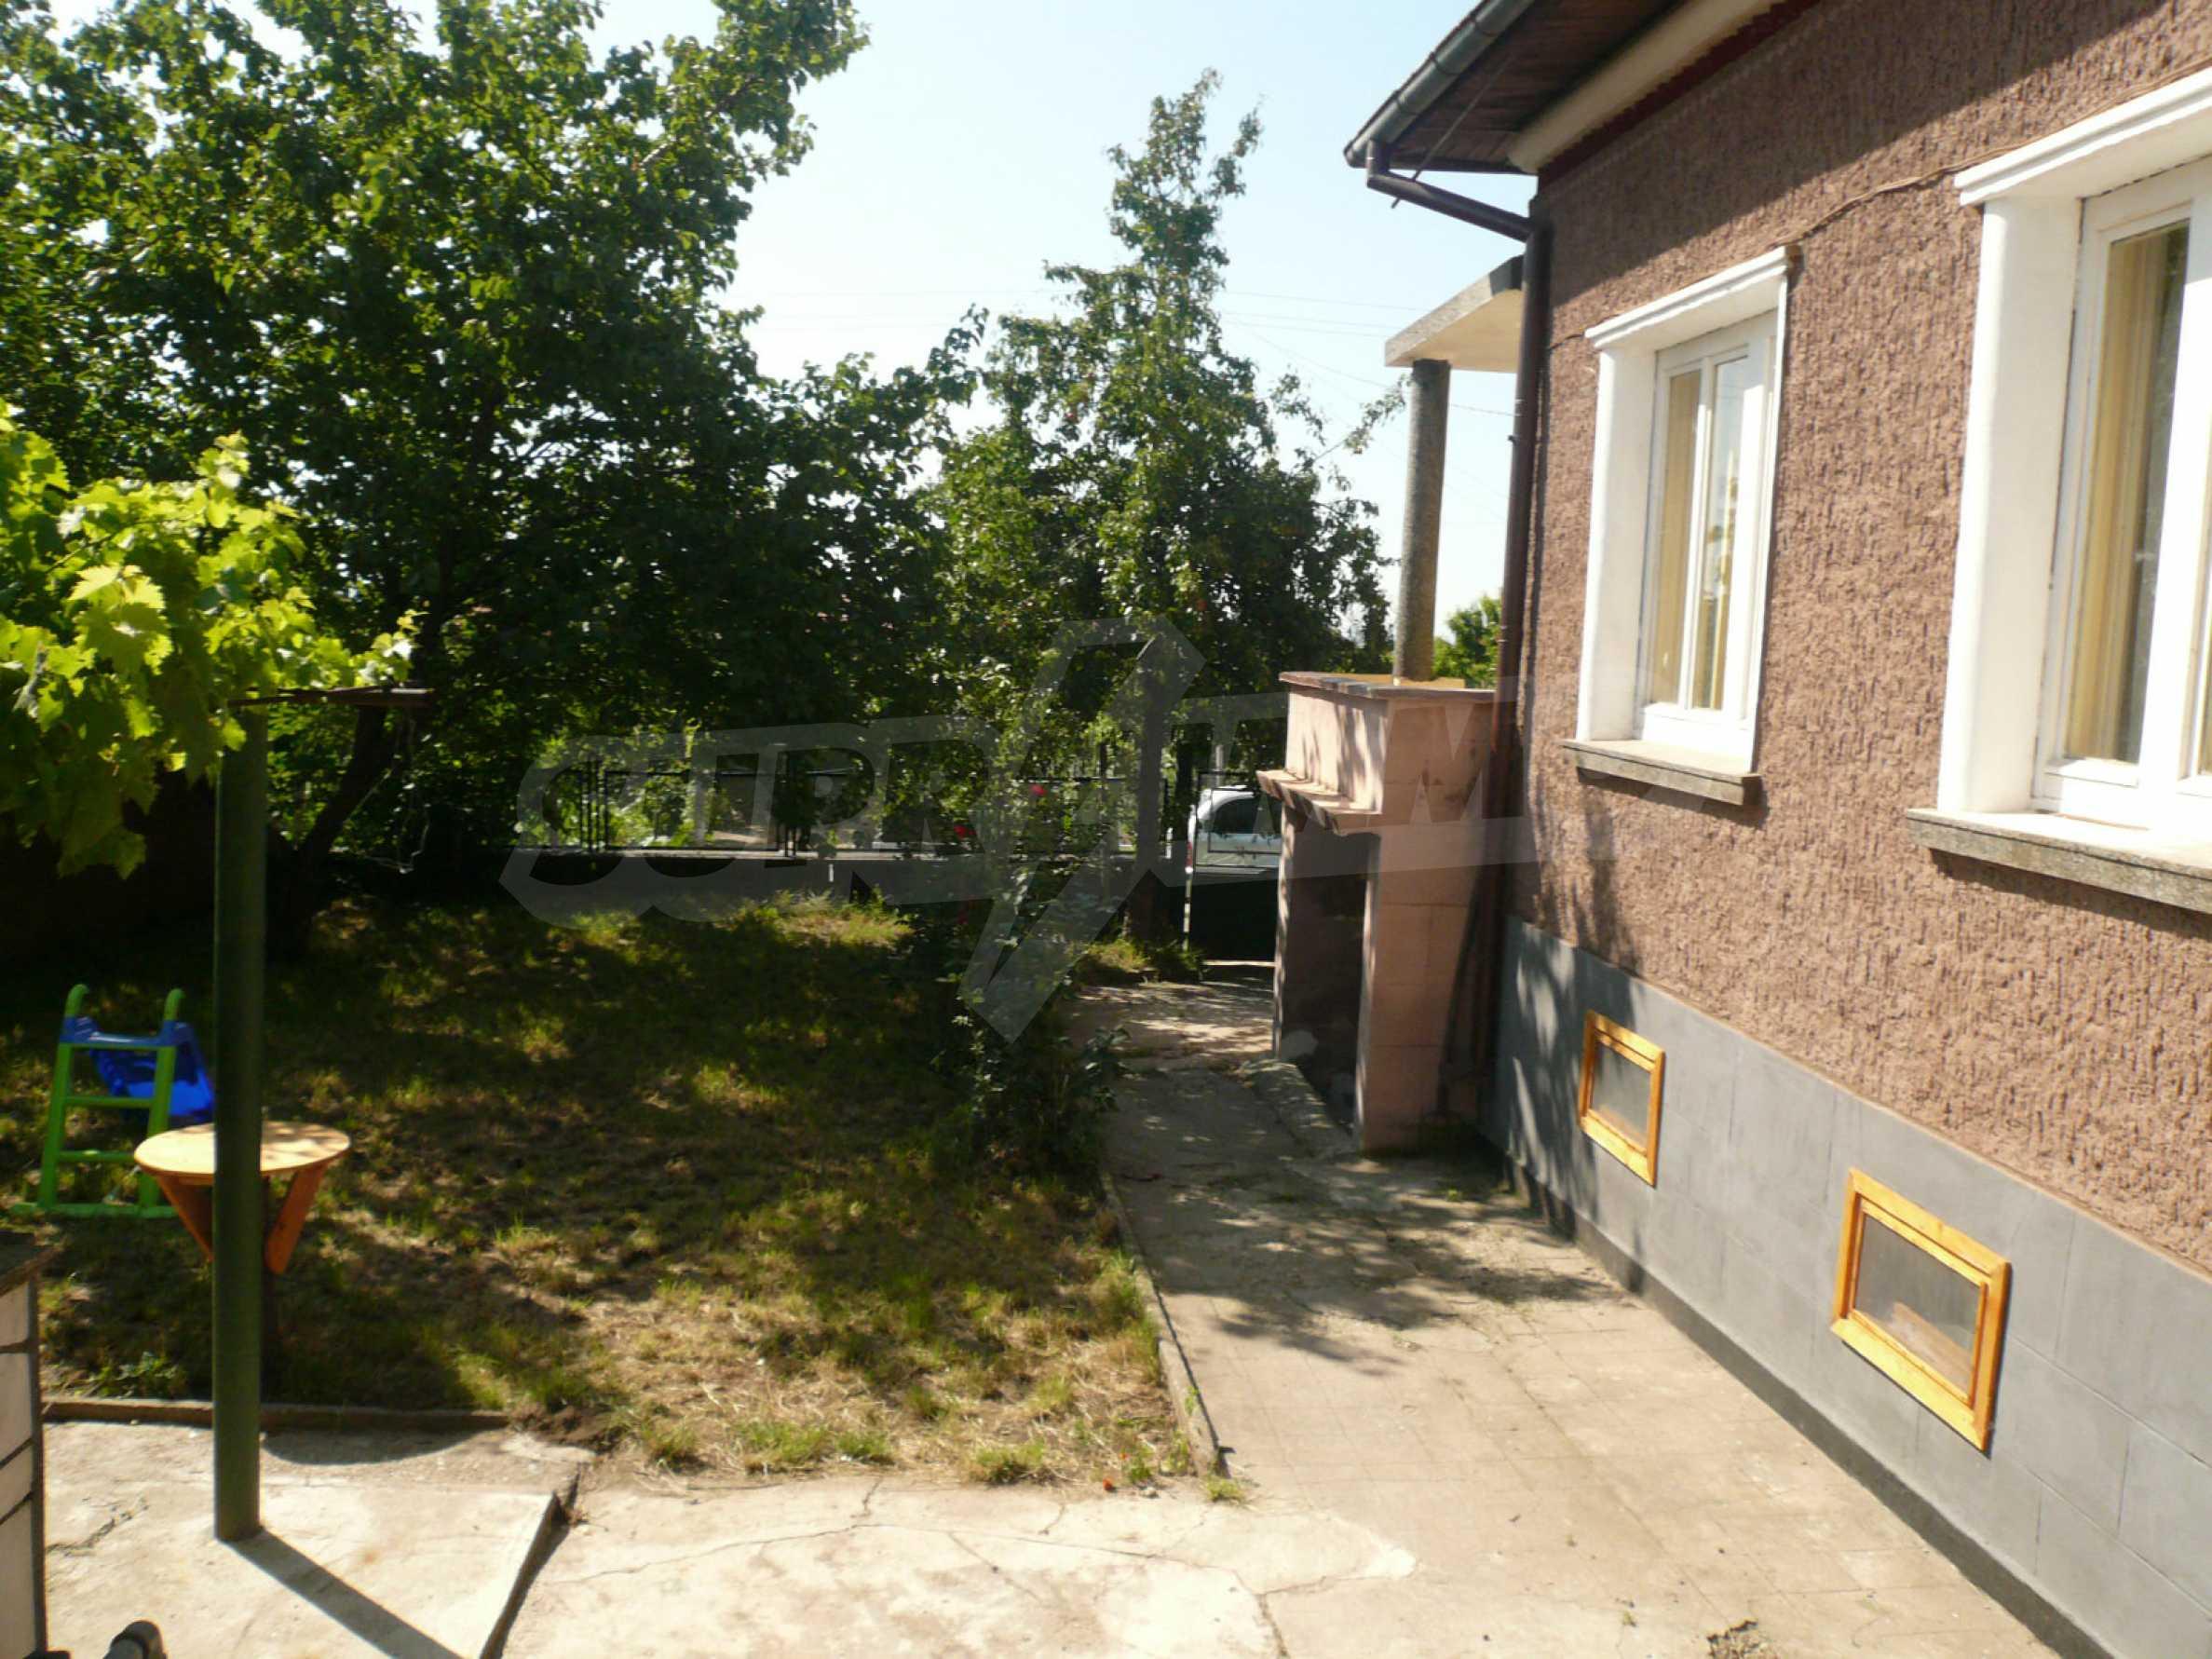 Ländliche Häuser mit einem Garten 12 km von Vidin entfernt 9